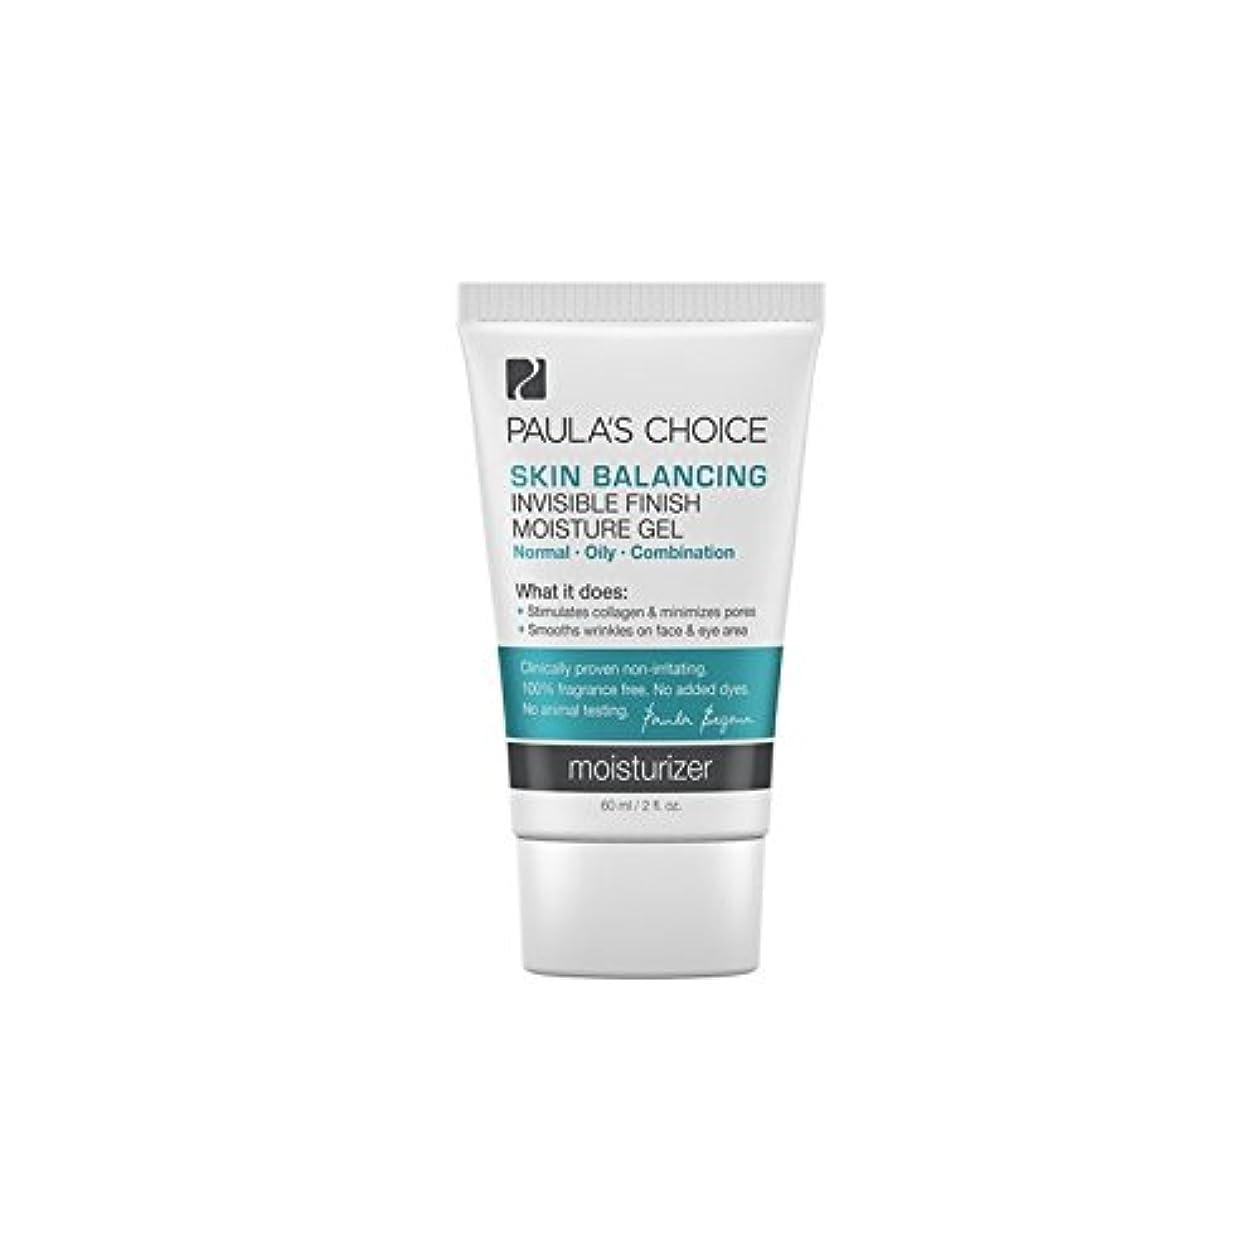 女将密曲線Paula's Choice Skin Balancing Invisible Finish Moisture Gel (60ml) (Pack of 6) - ポーラチョイスの肌のバランス目に見えない仕上がり水分ゲル(60ミリリットル) x6 [並行輸入品]